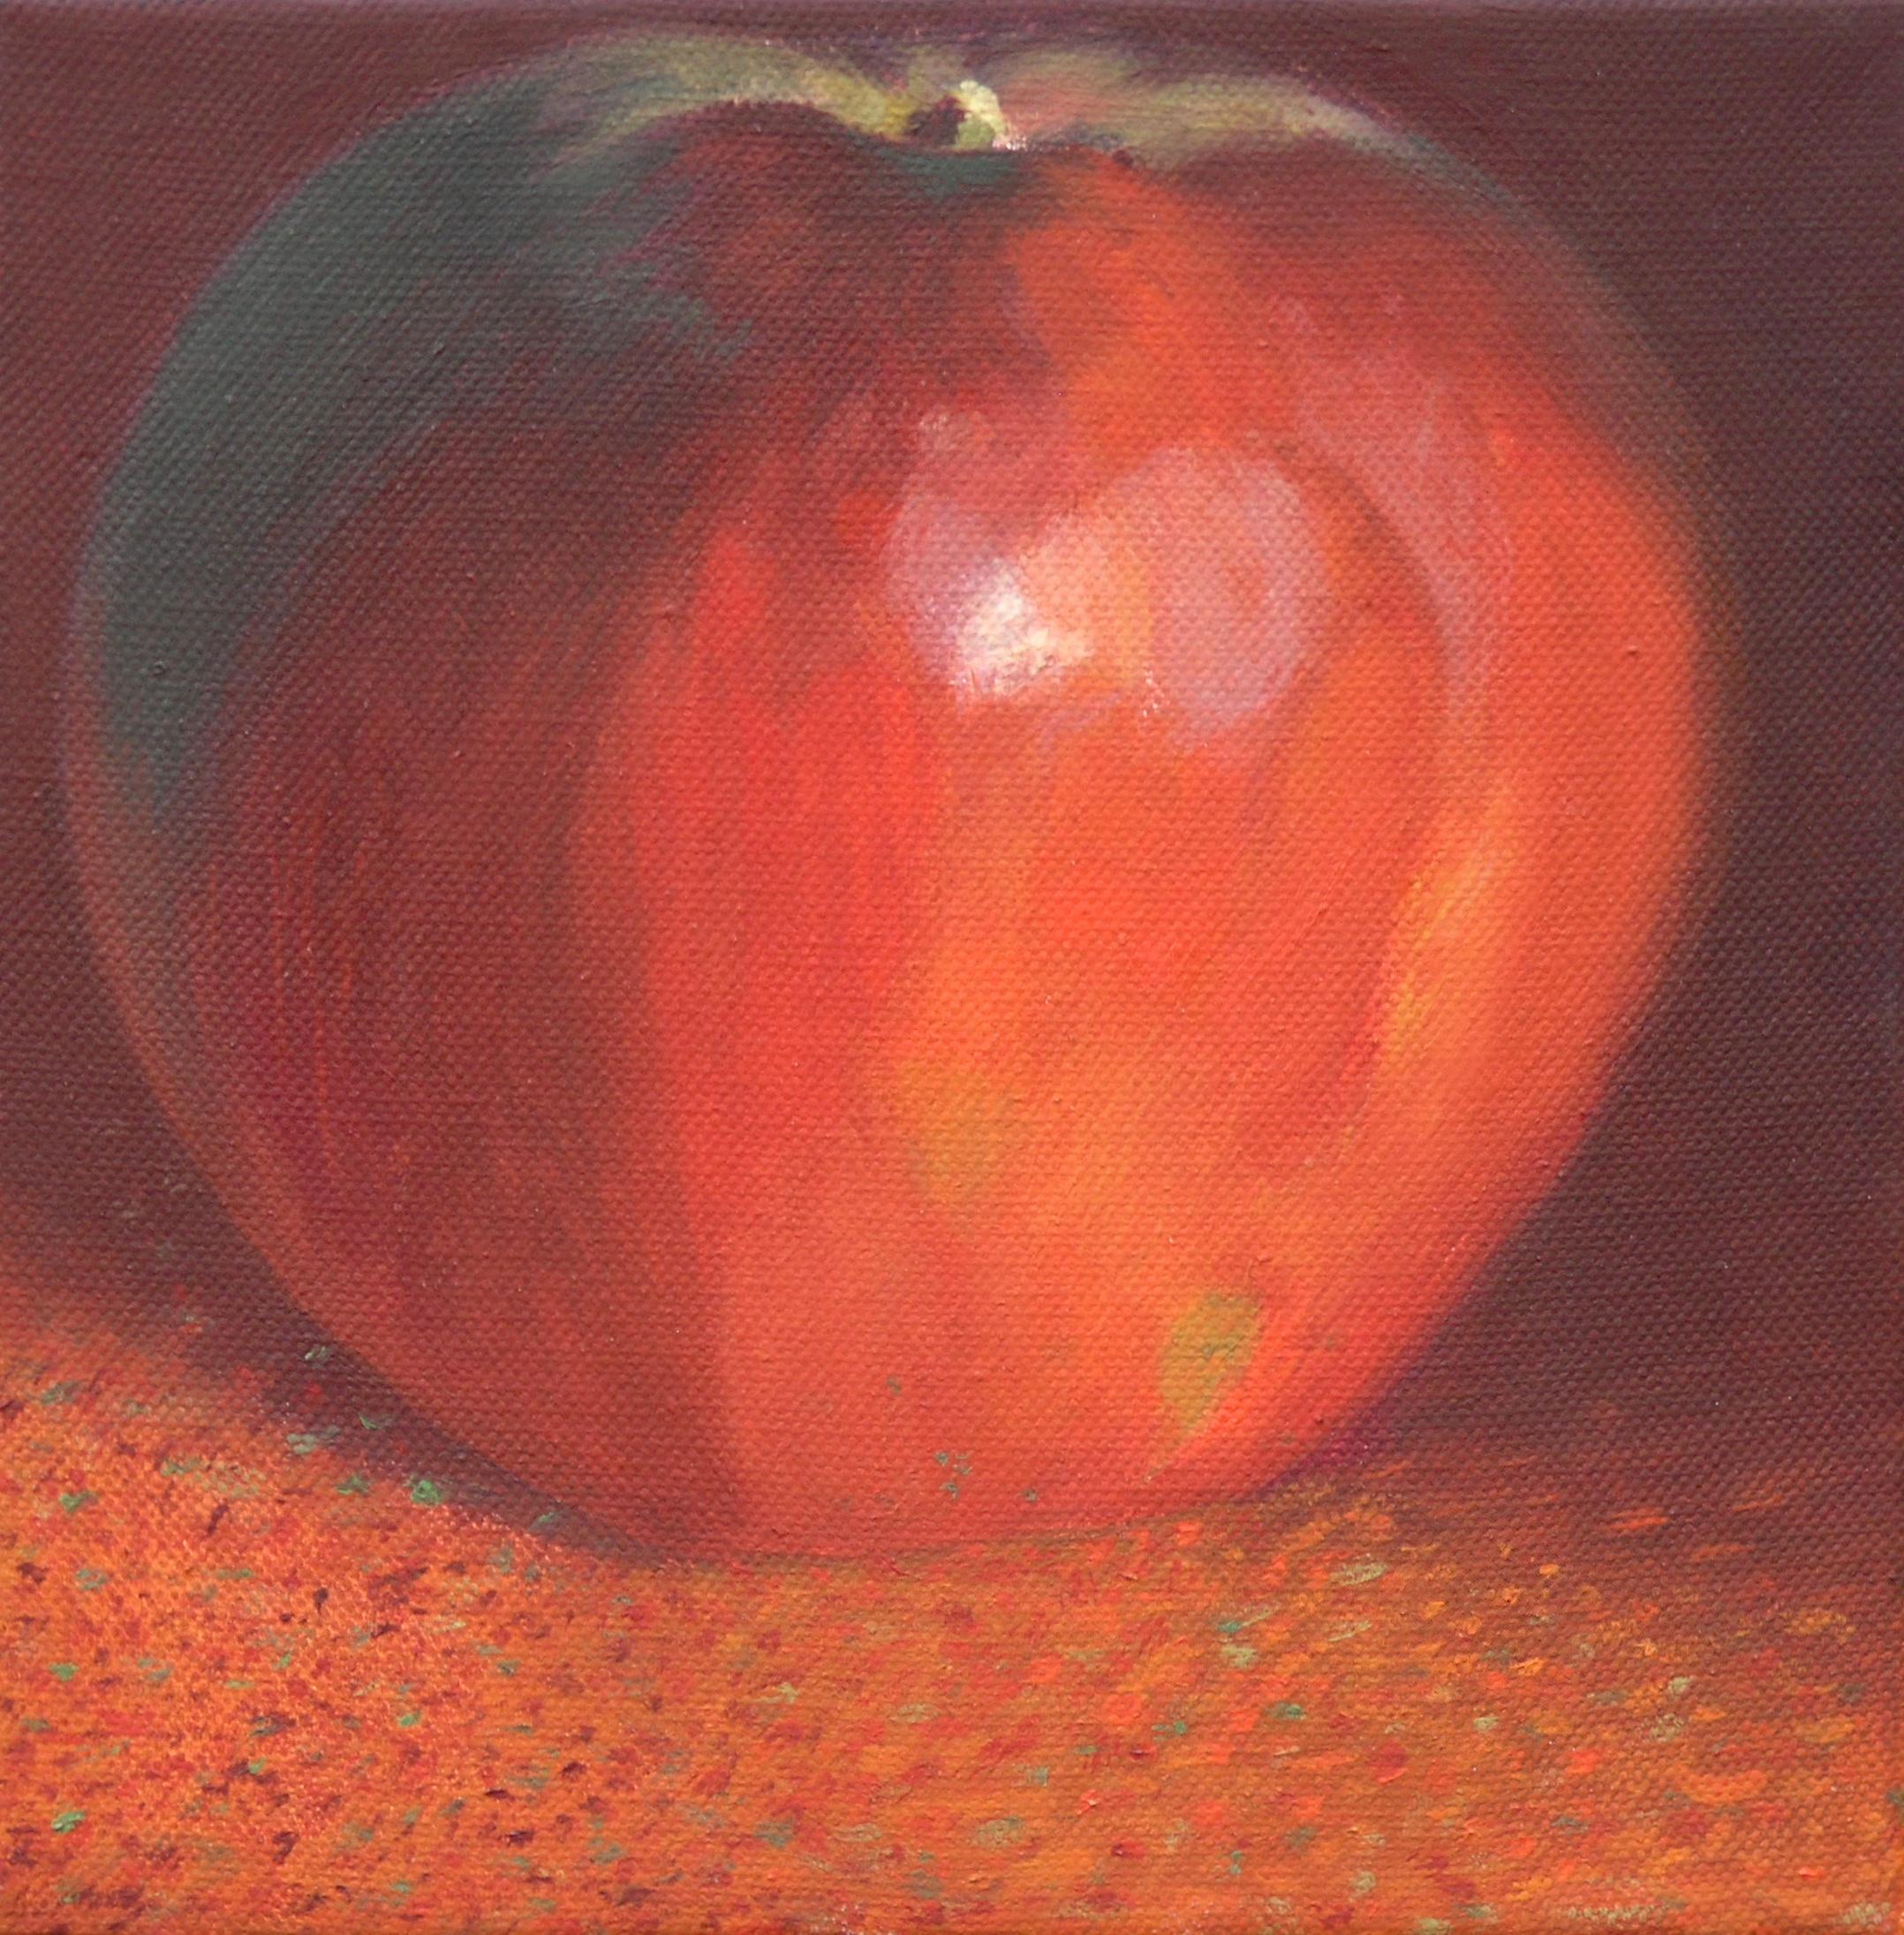 Dark red apple 3